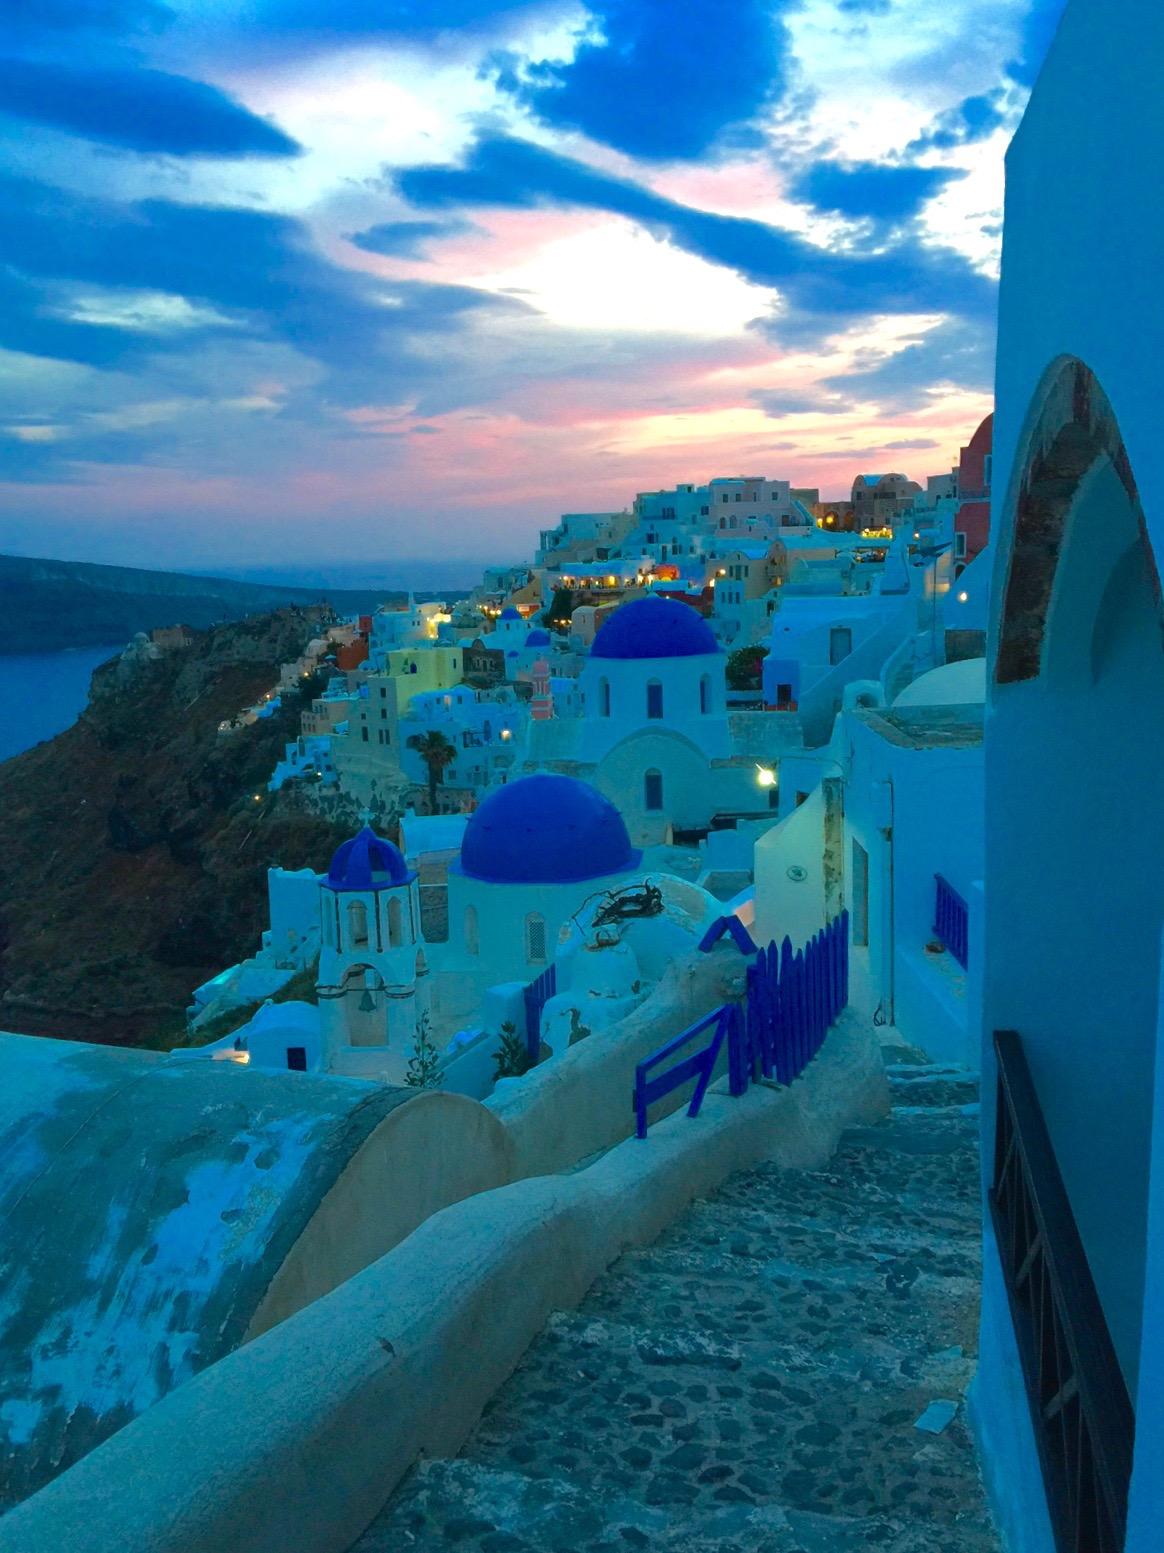 Sunset on Santorini, Greek Islands Greece - 3 Days*